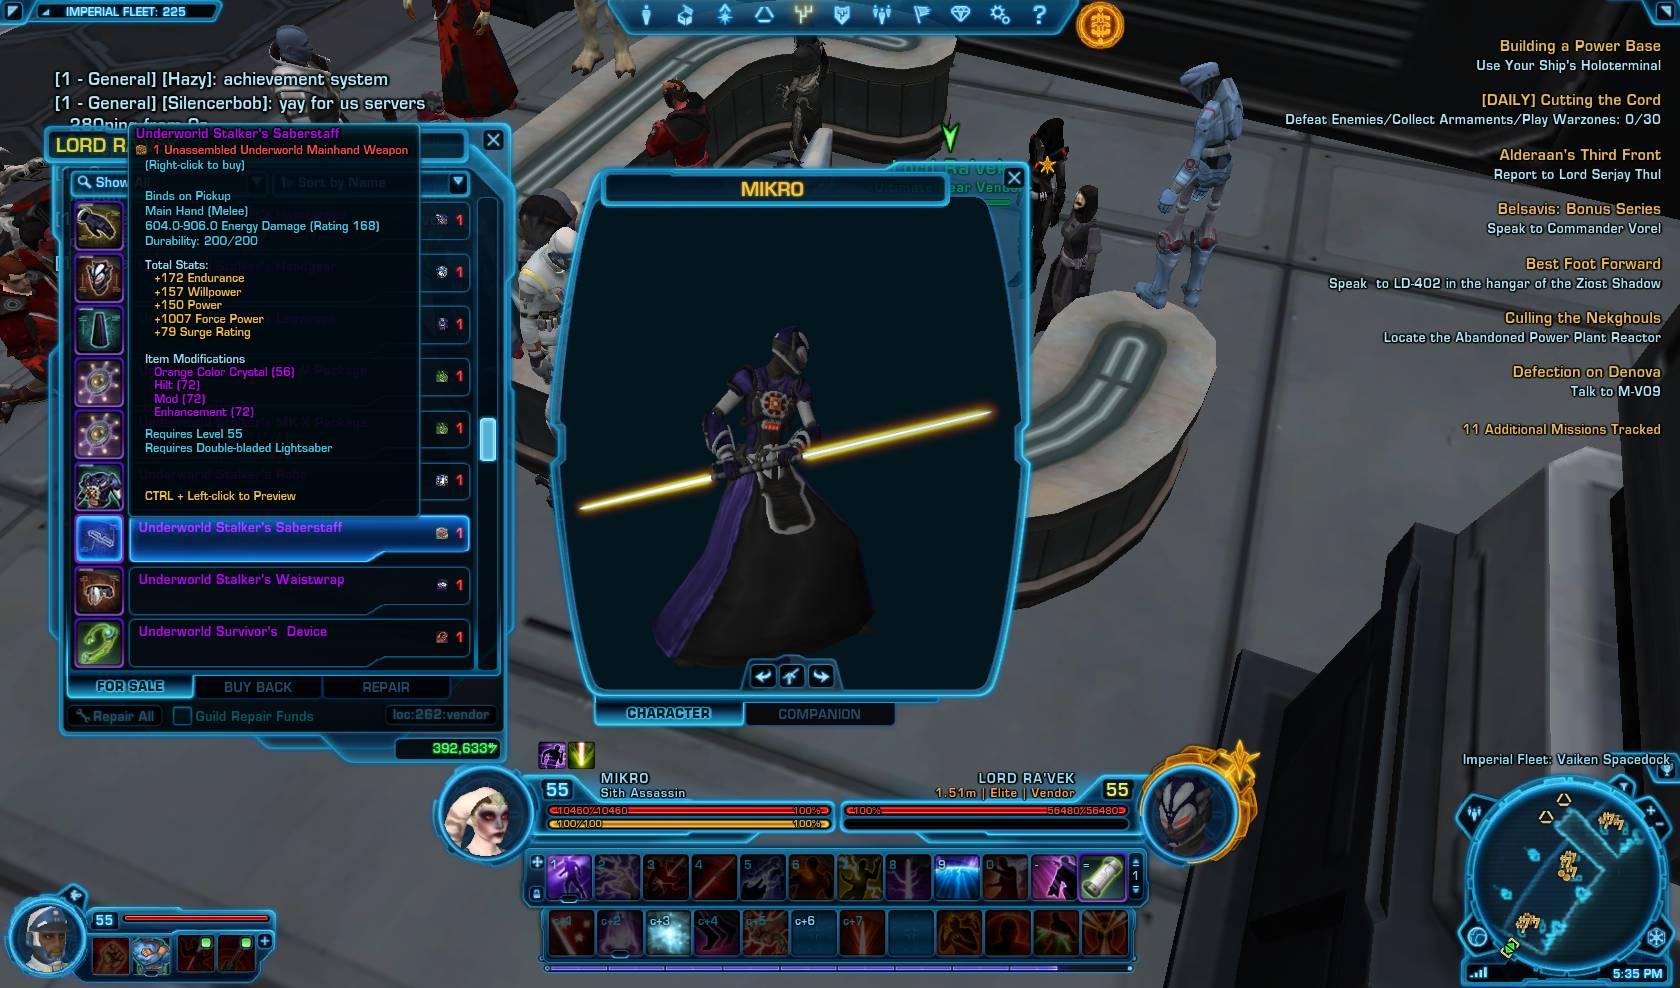 swtor underworld saberstaff